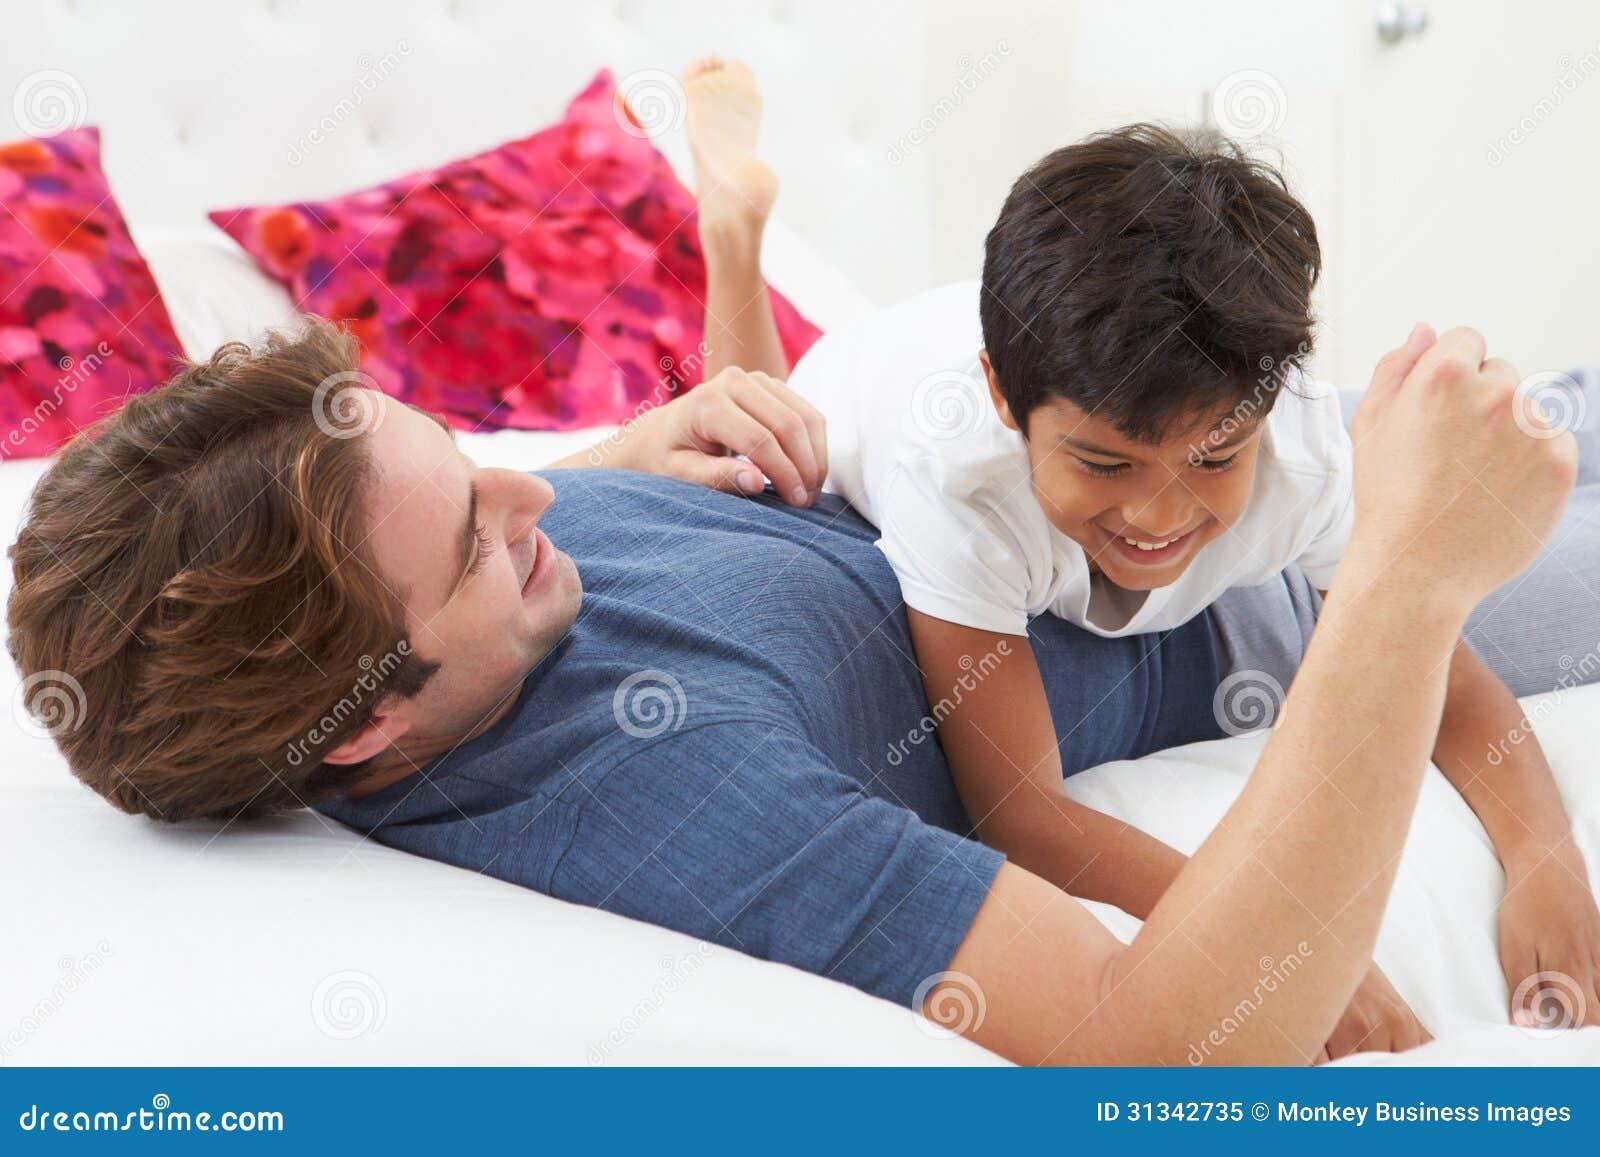 Сын снимает на камеру как трахается с мамой  Порно Дойки